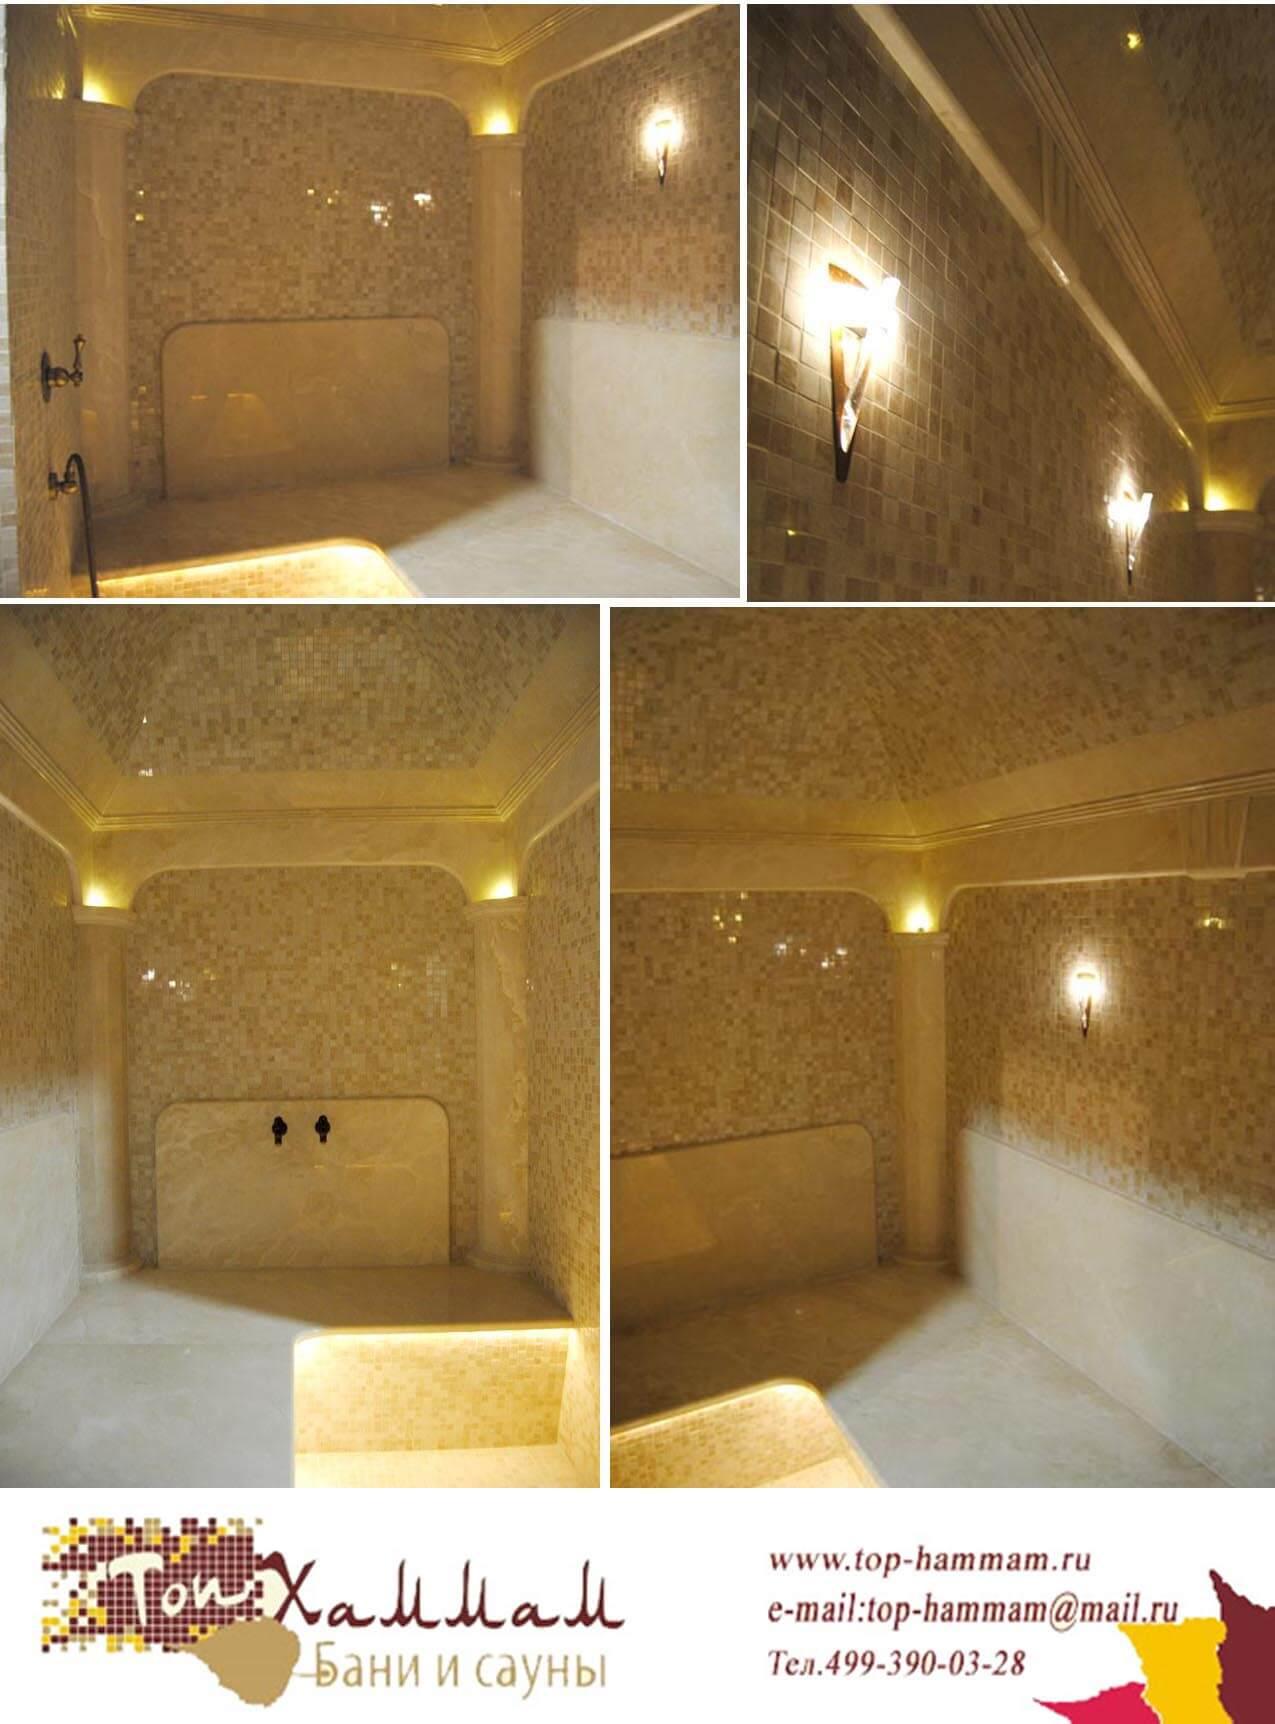 Мраморные колоны в турецкой бани с подсветкой